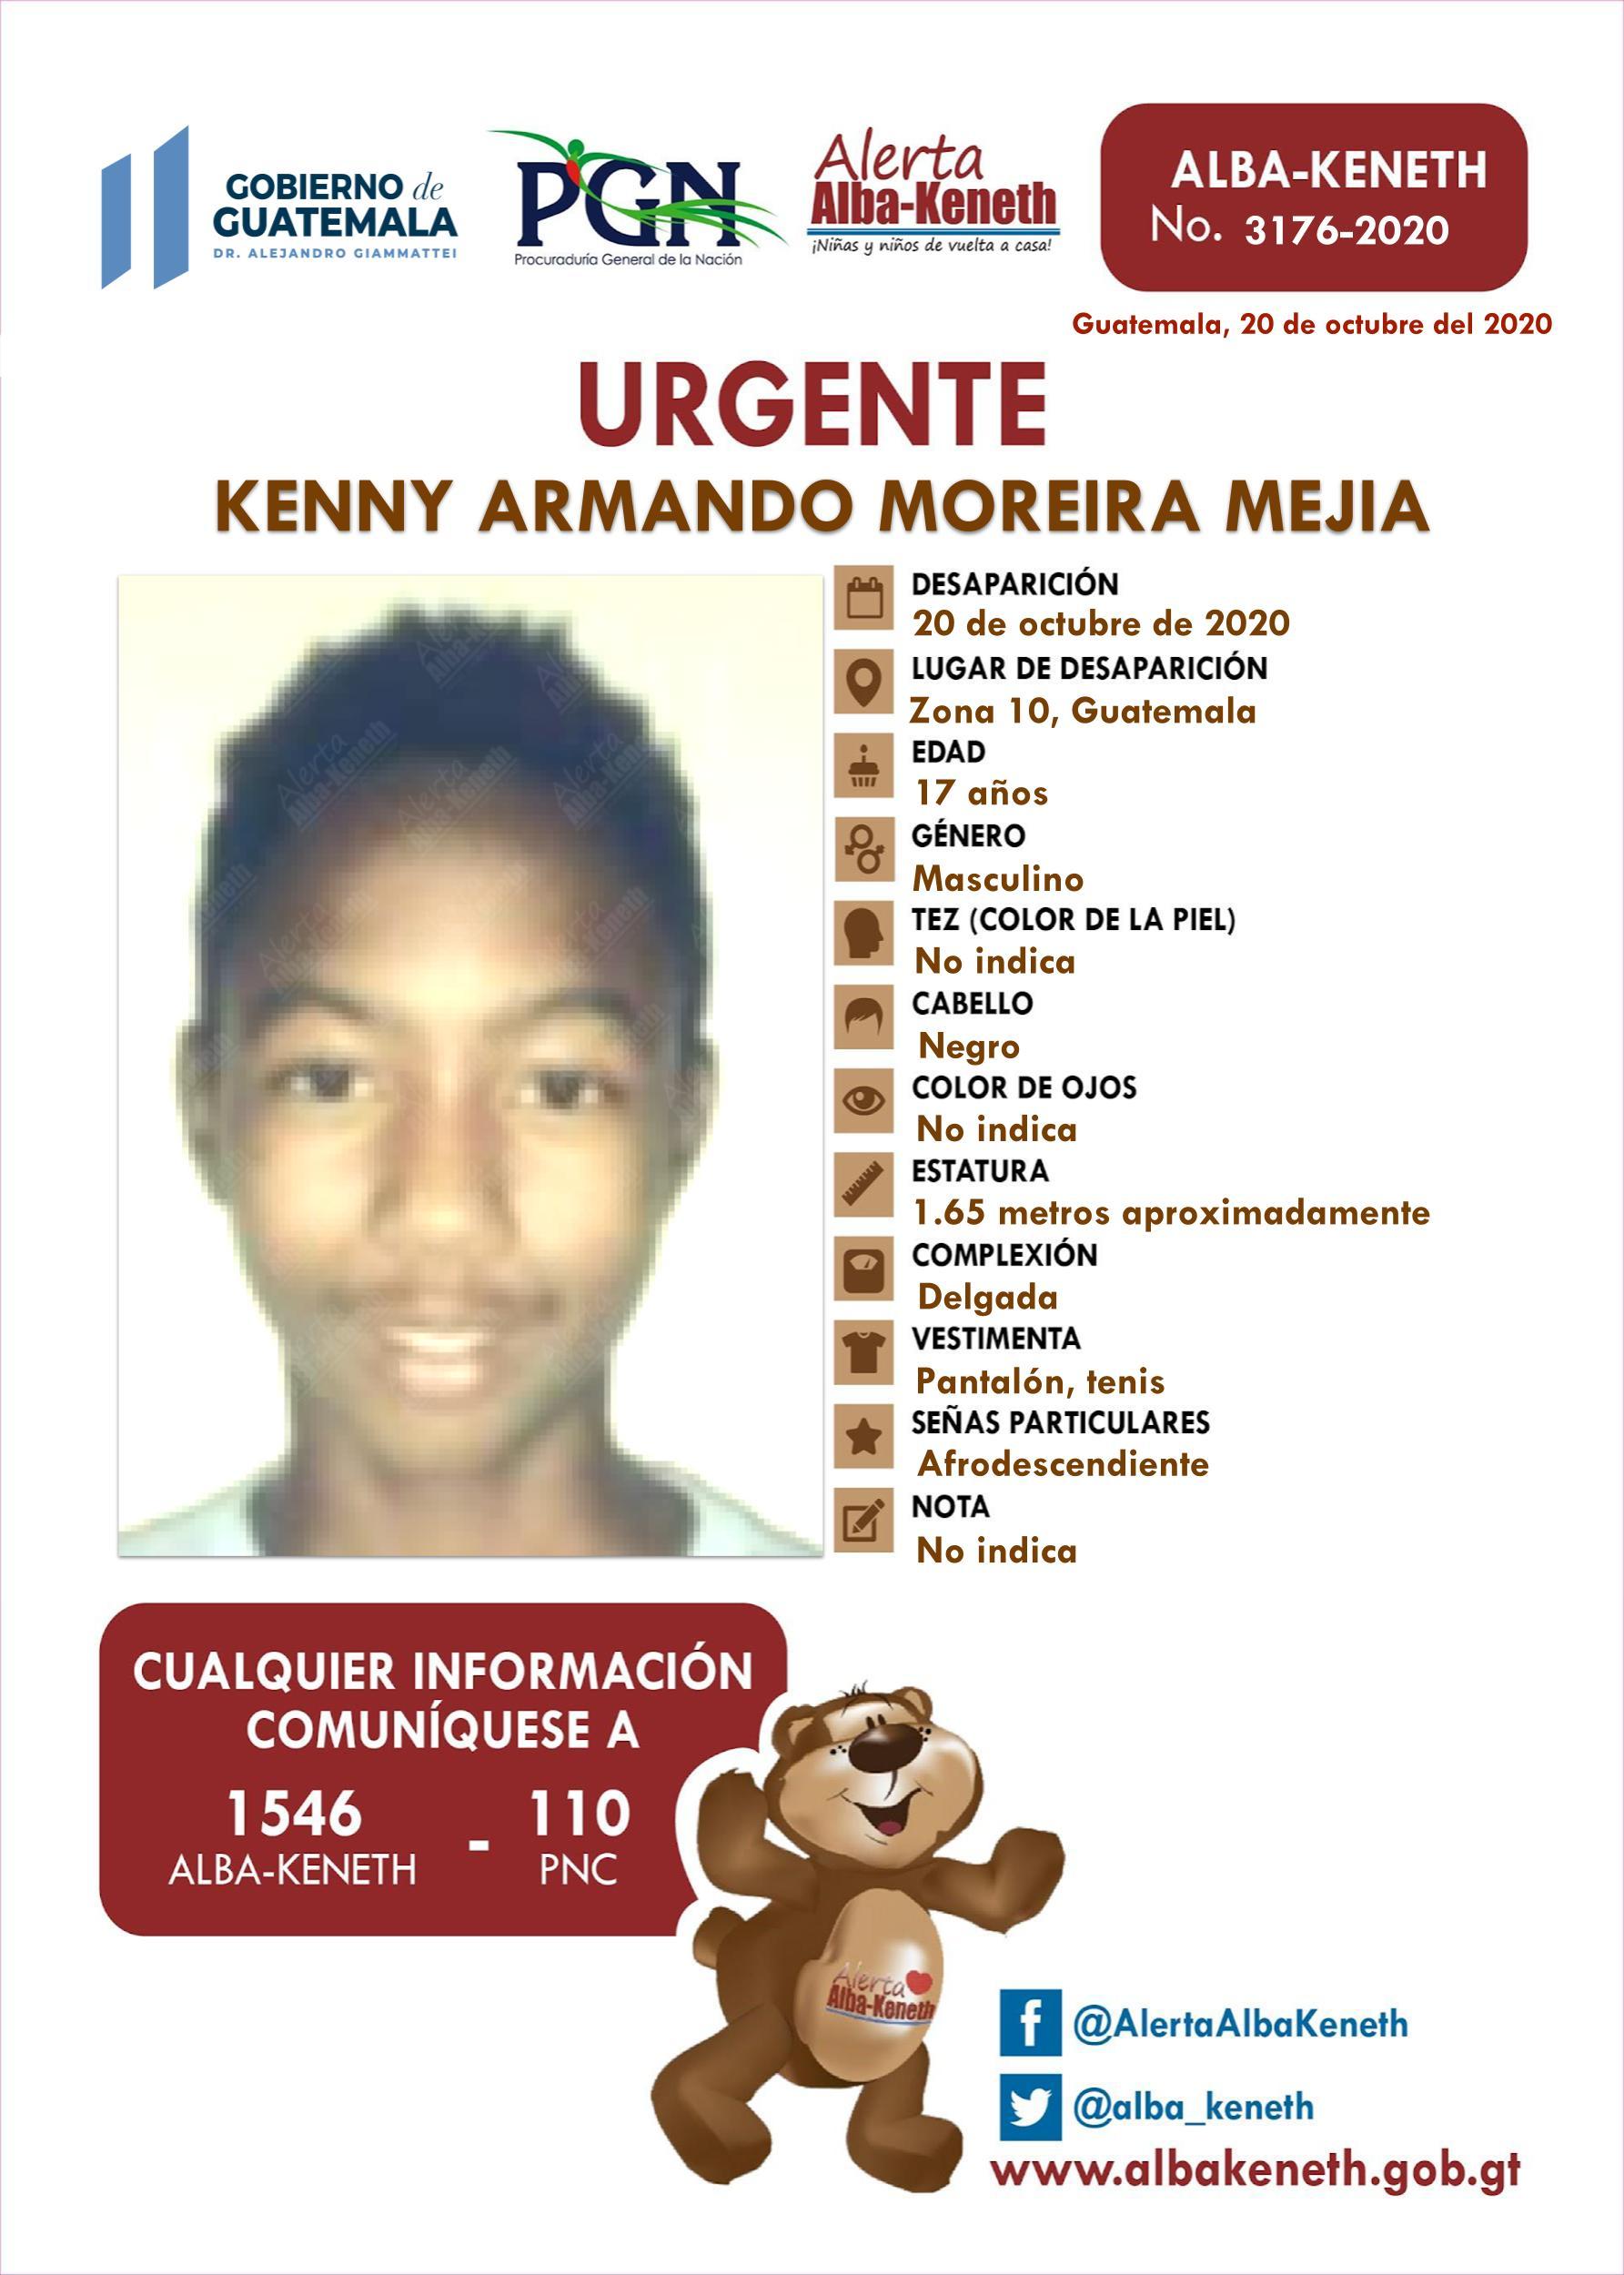 Kenny Armando Moreira Mejia